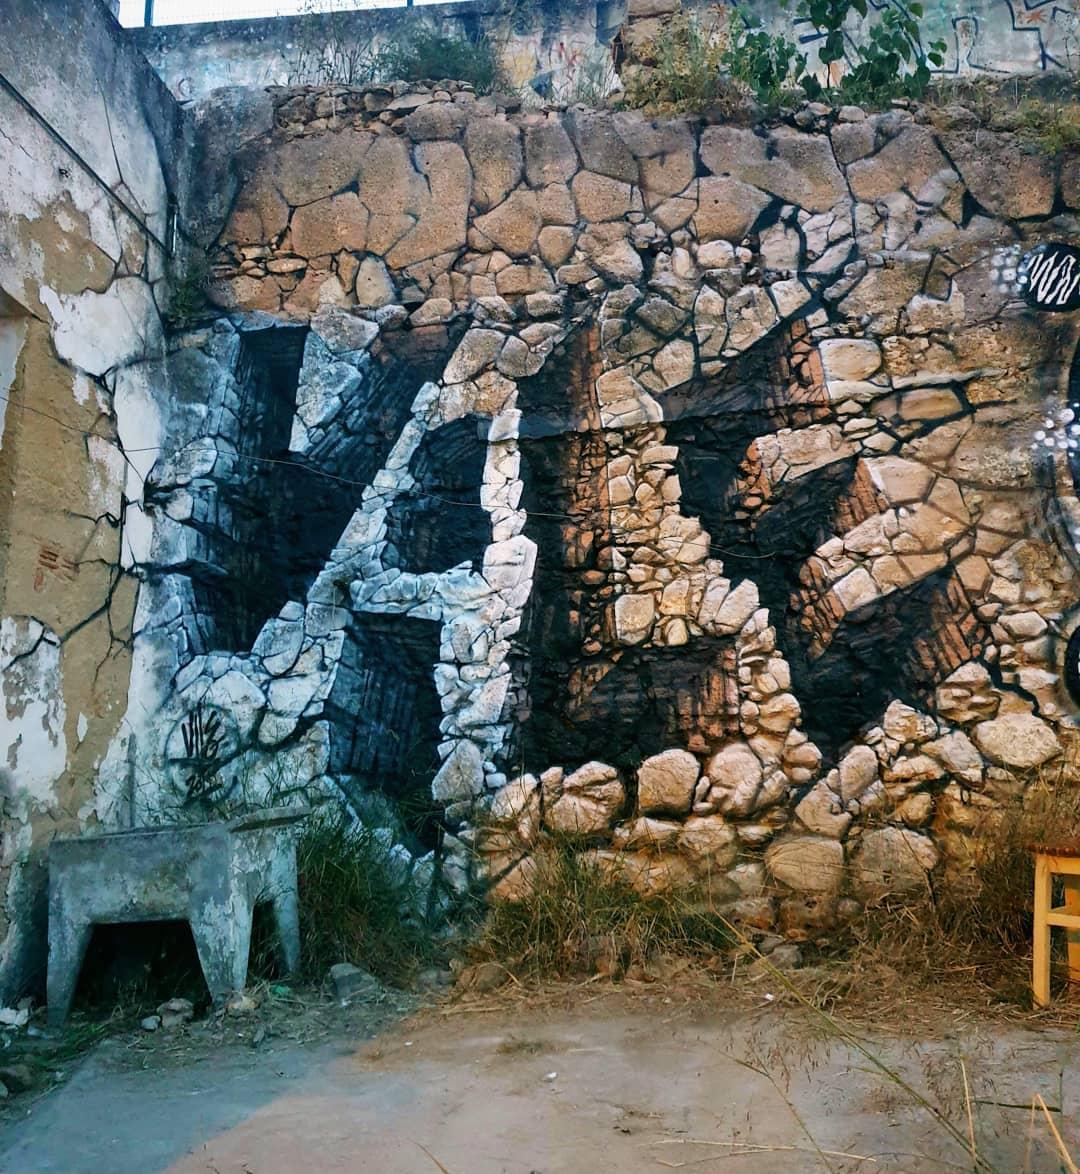 vile-graffiti-blog-optikai-illuzio--7.jpg